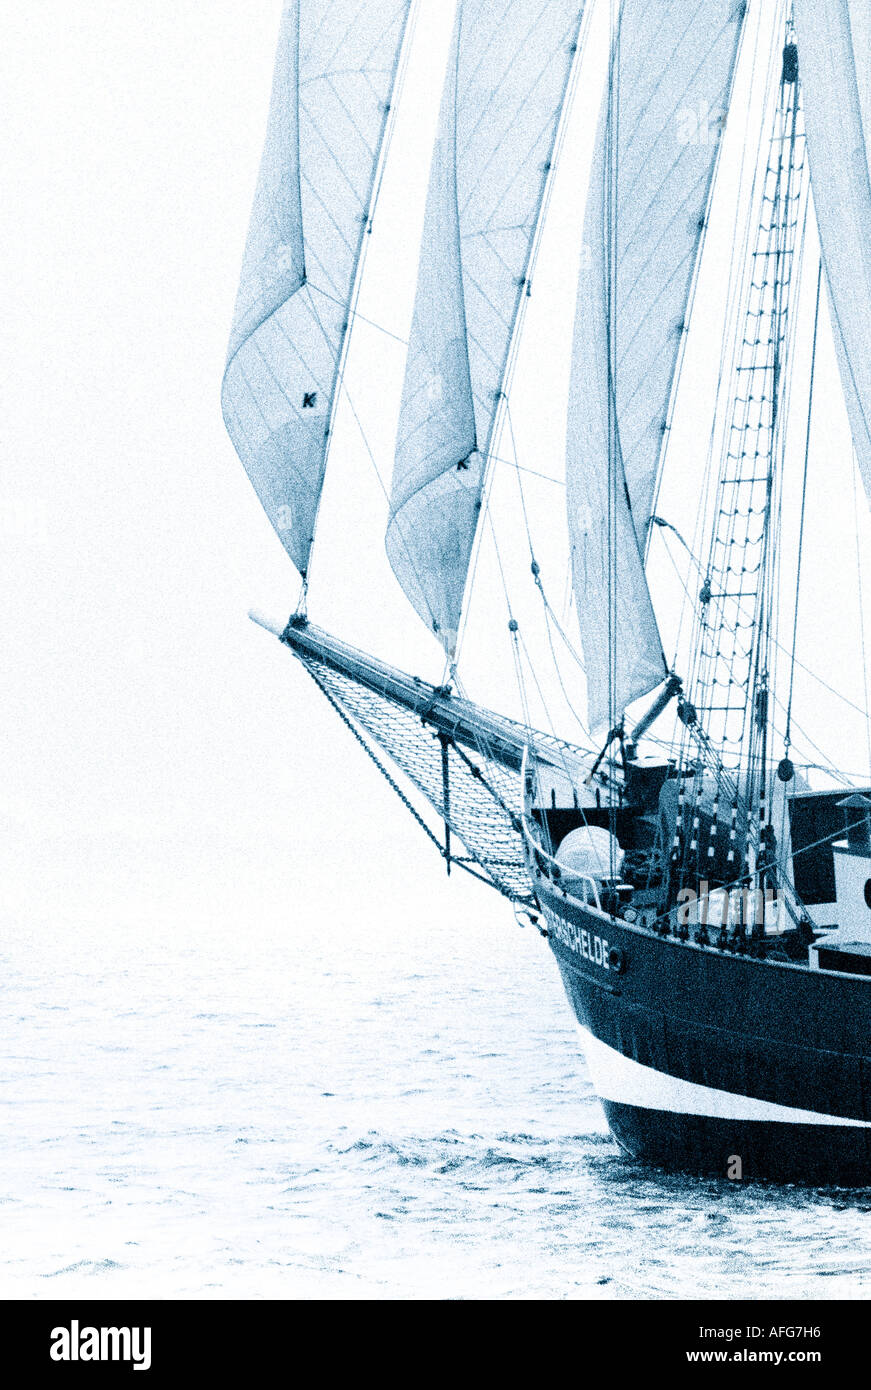 bcvr 50 Dreimast Gaffelschoner auf der Ostsee Fore and aft schooner on the Baltic Sea - Stock Image